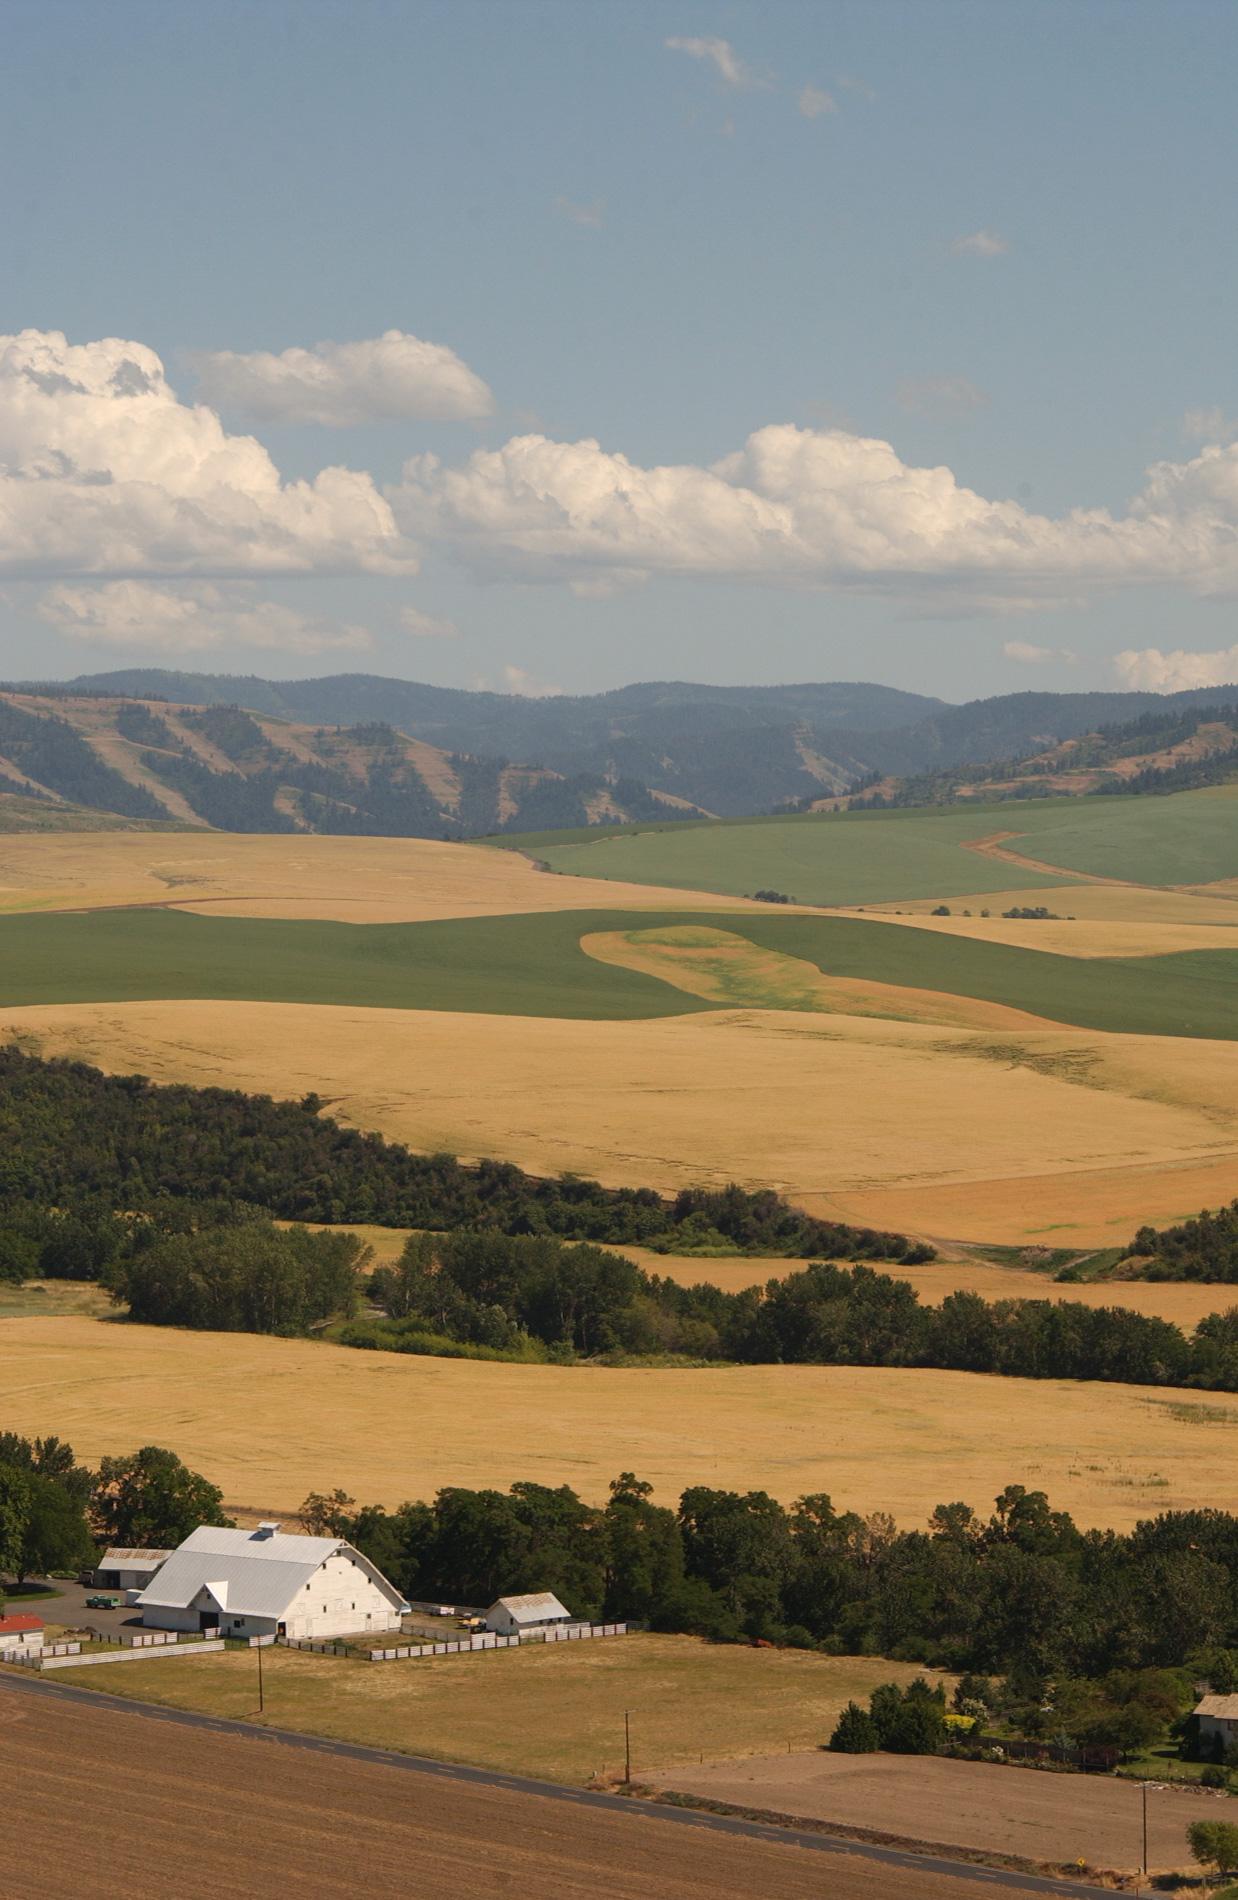 The foothills of Walla Walla